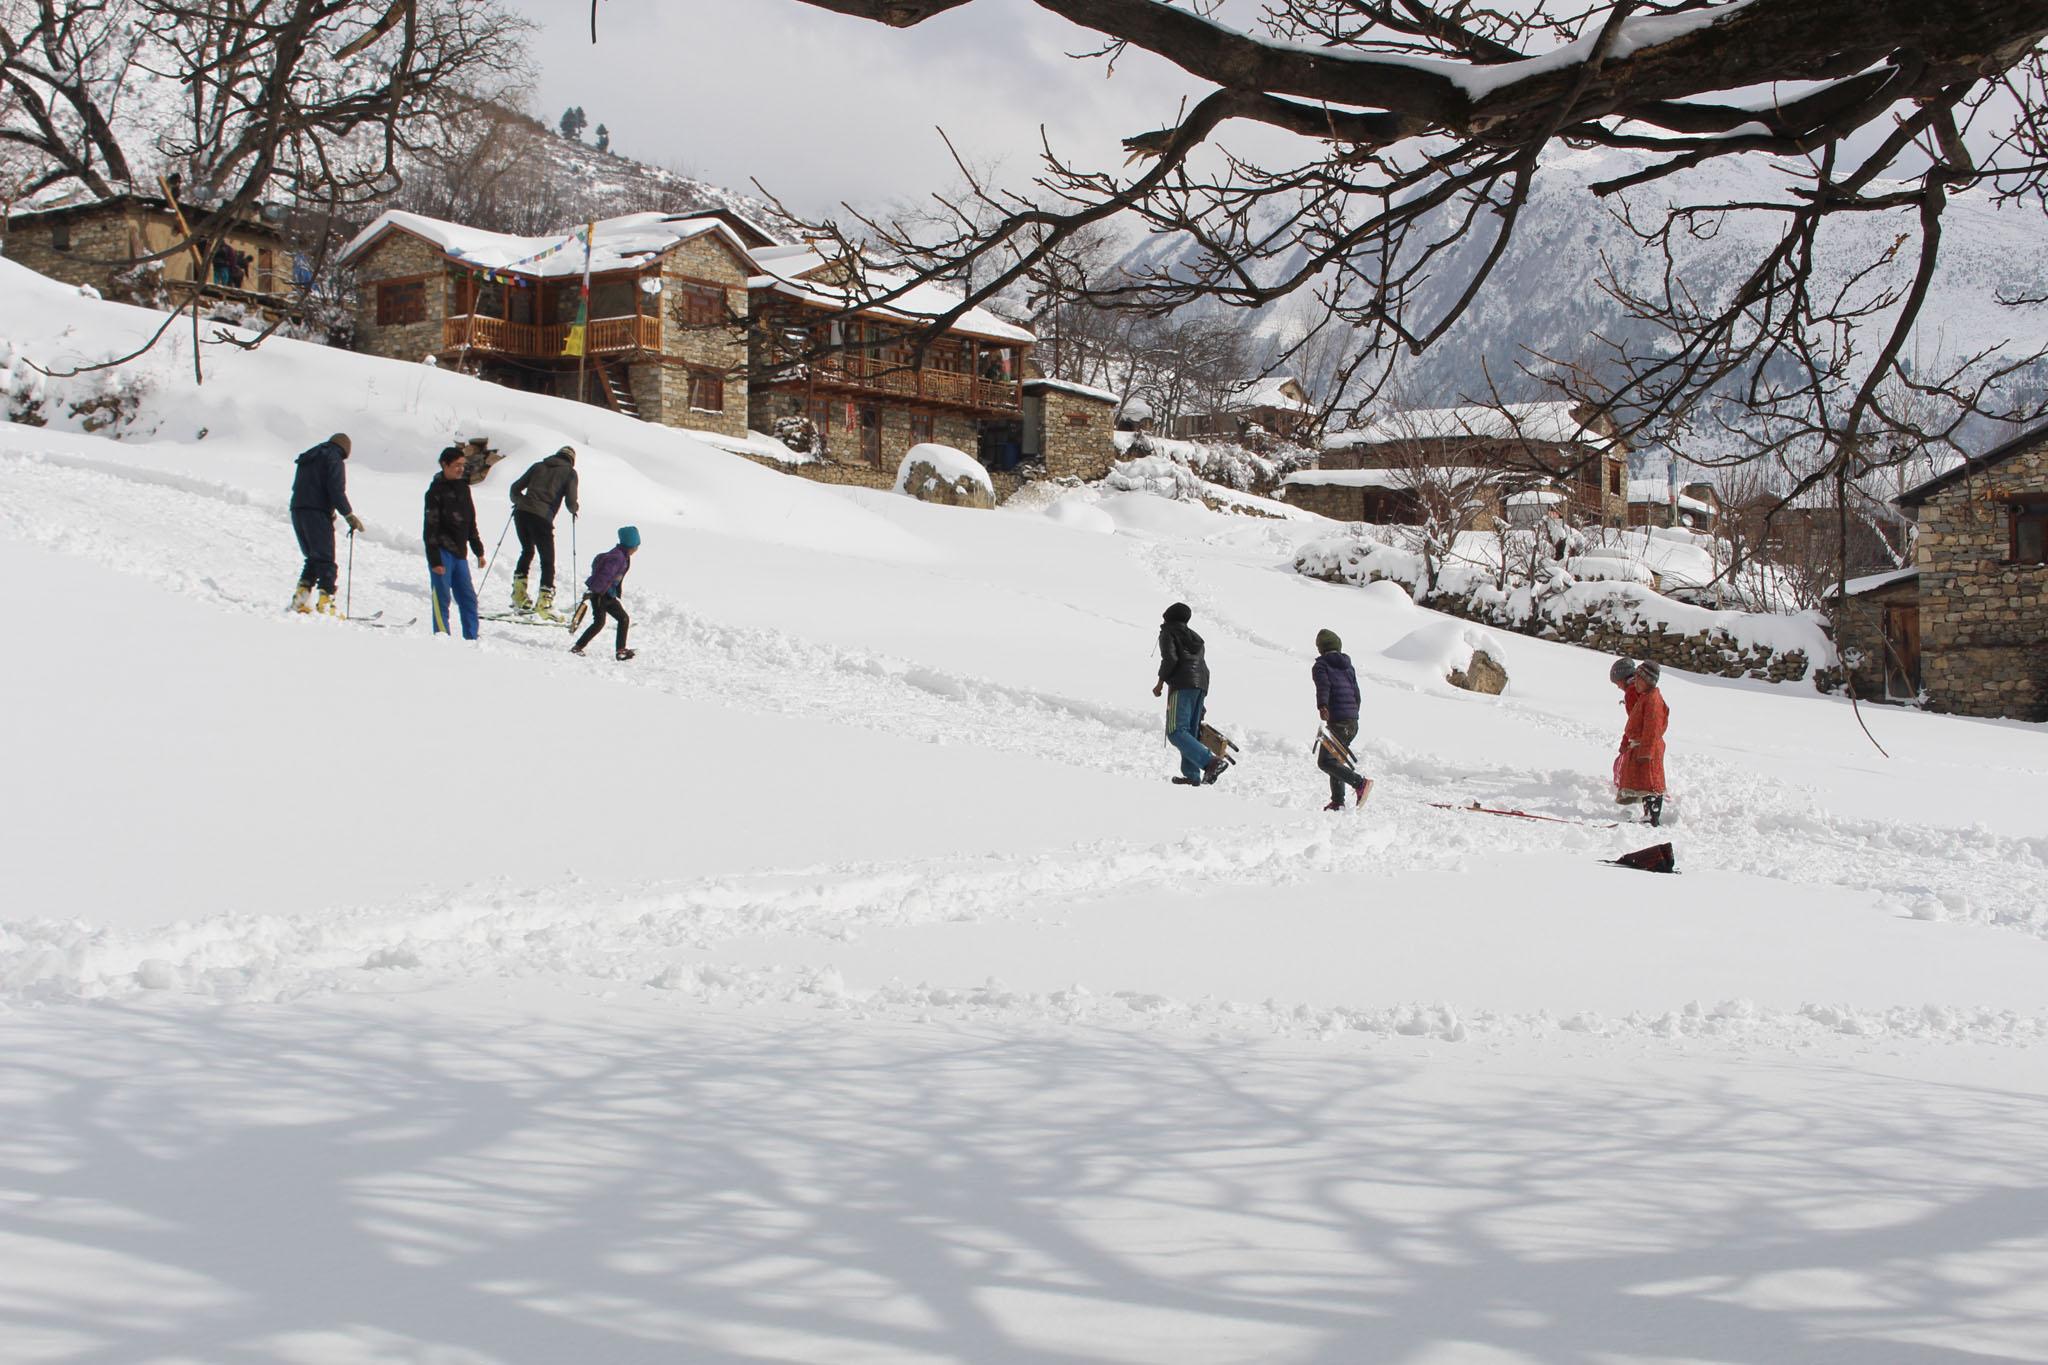 Mit selbstgebauten Schlitten und nun auch auf Ski geniessen die Nepalis in der Region Humla den Winter.